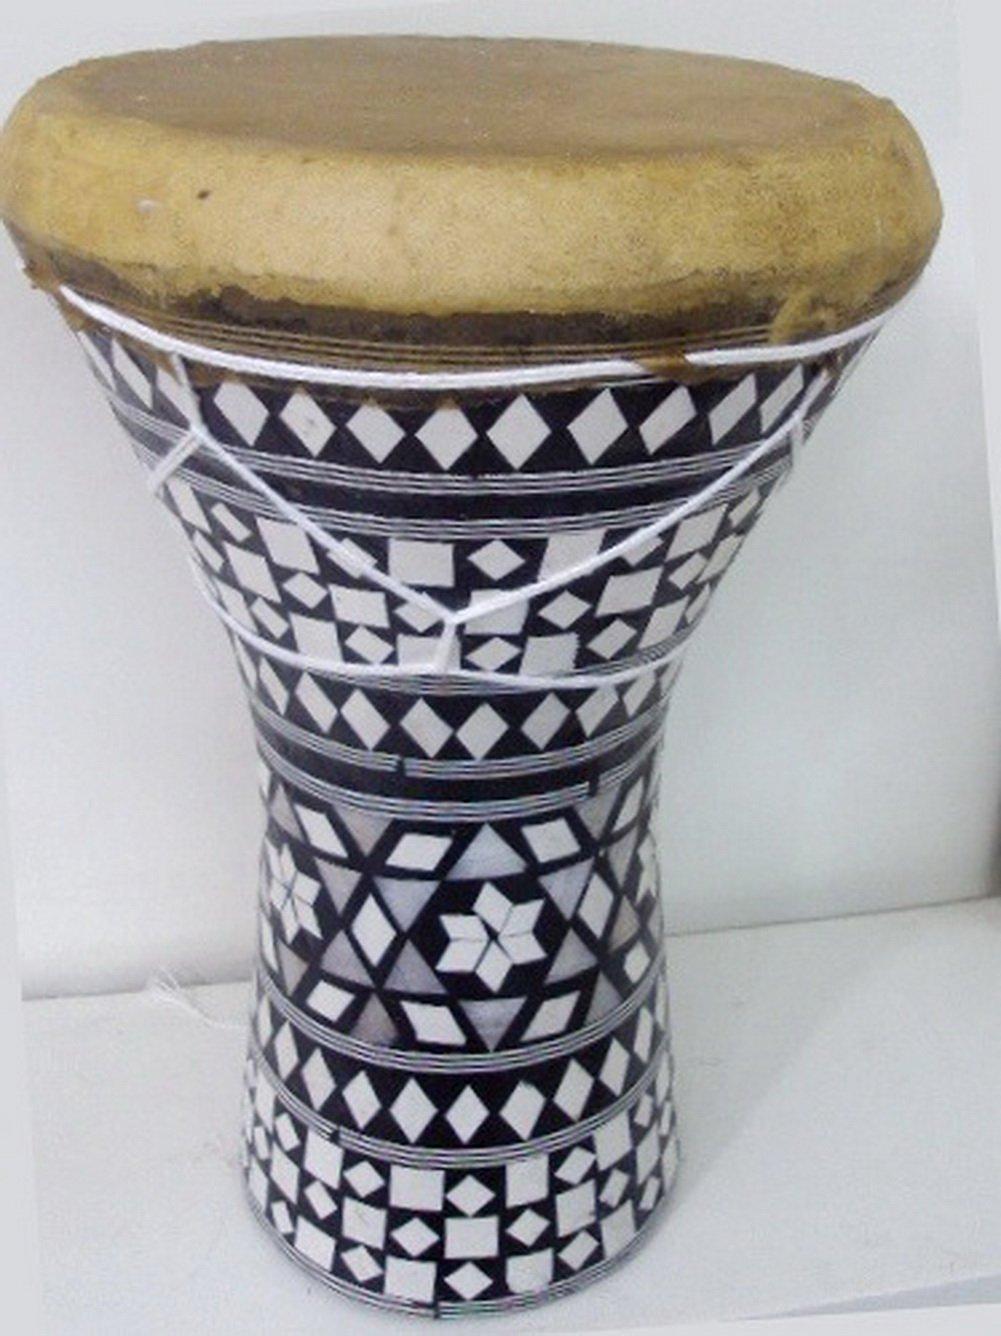 Mid-East Medium Pretuned Mosaic Wooden Doumbek 7.5''x12'' by Bethlehem Gifts TM